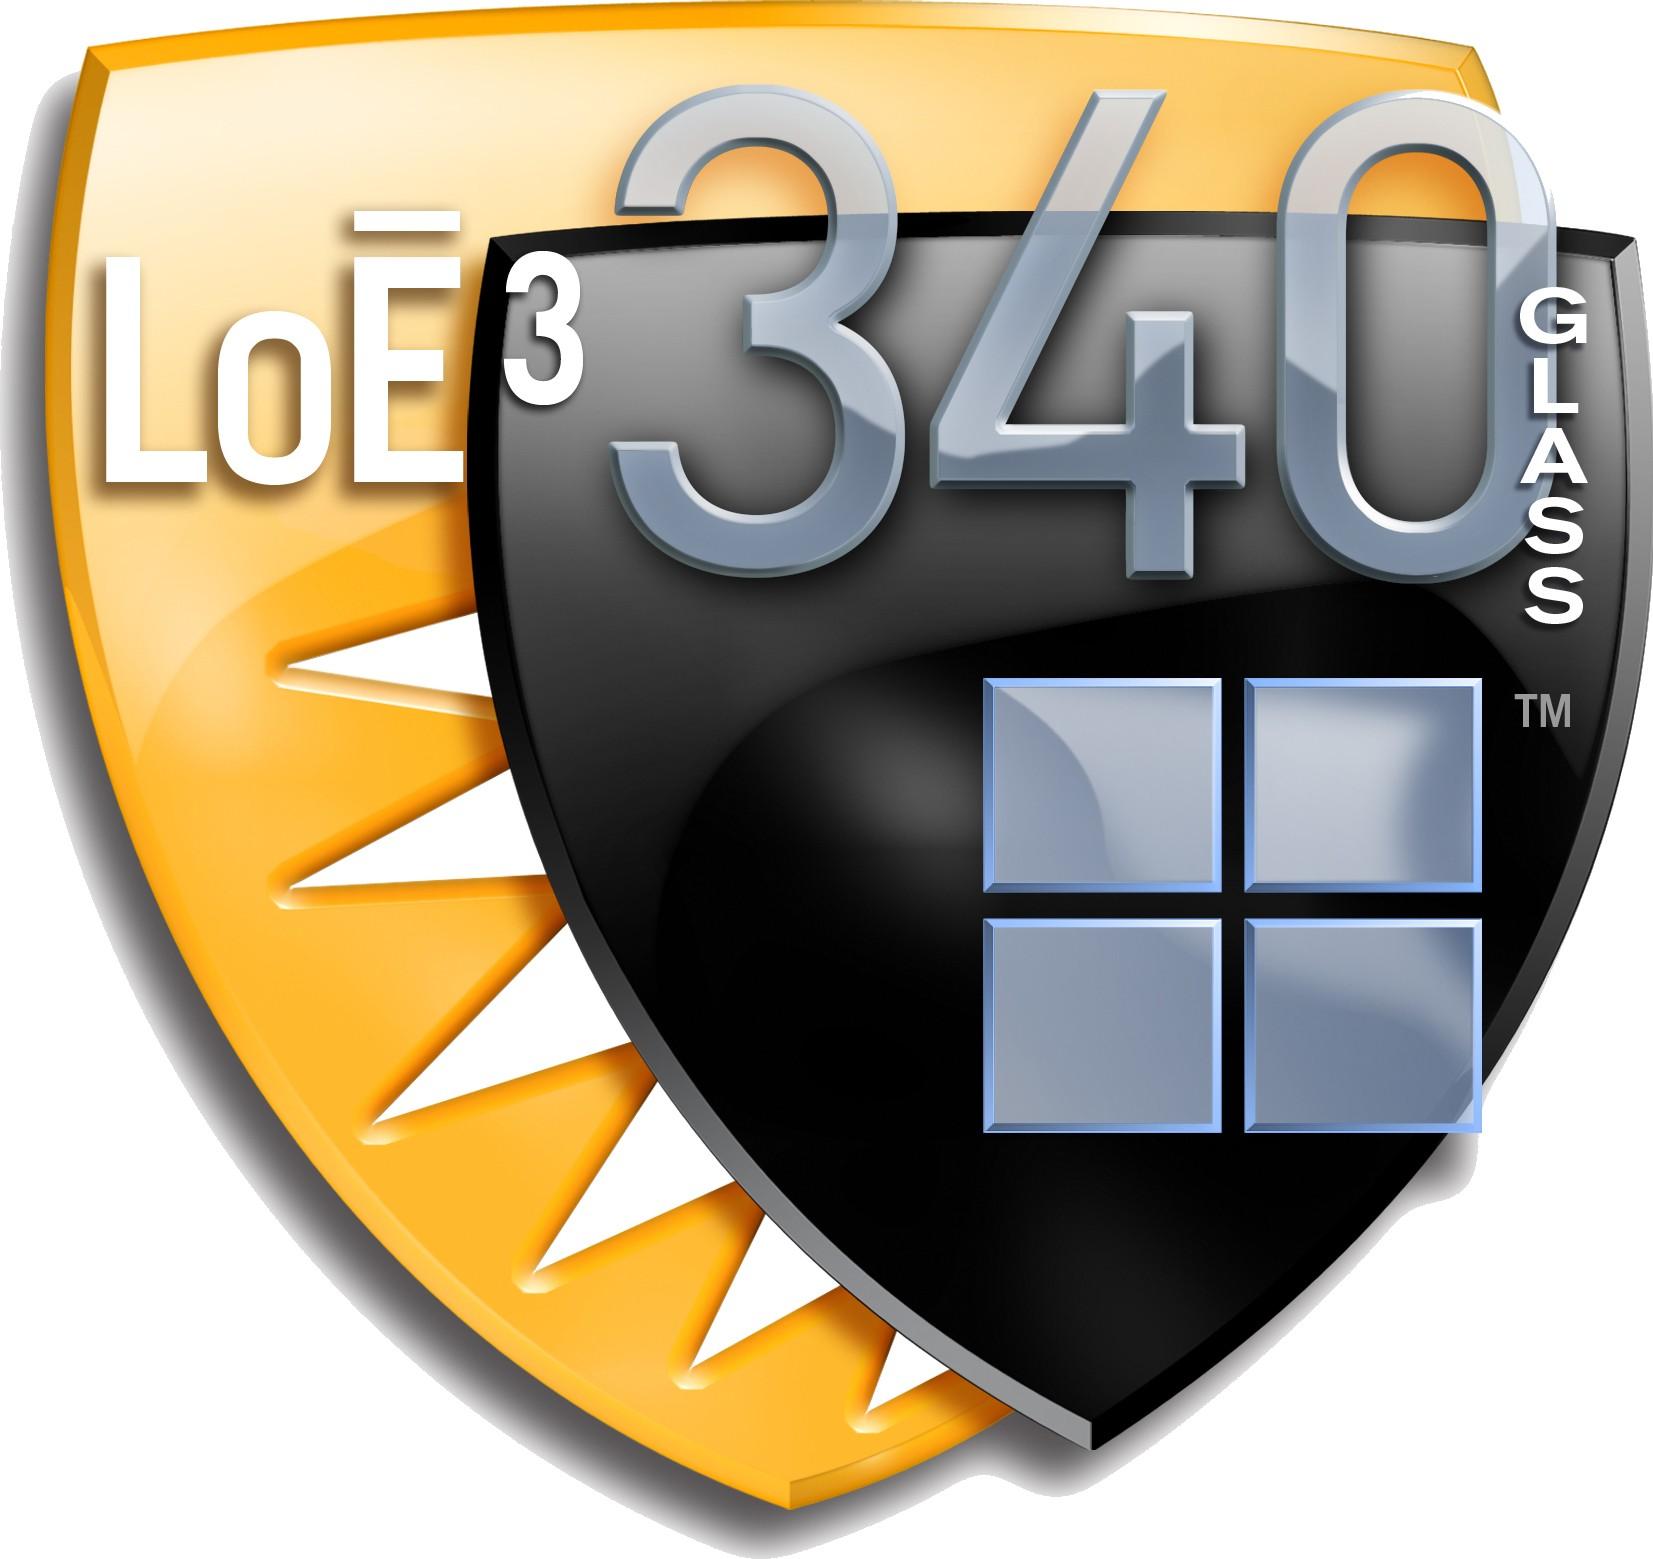 LoE 3 340